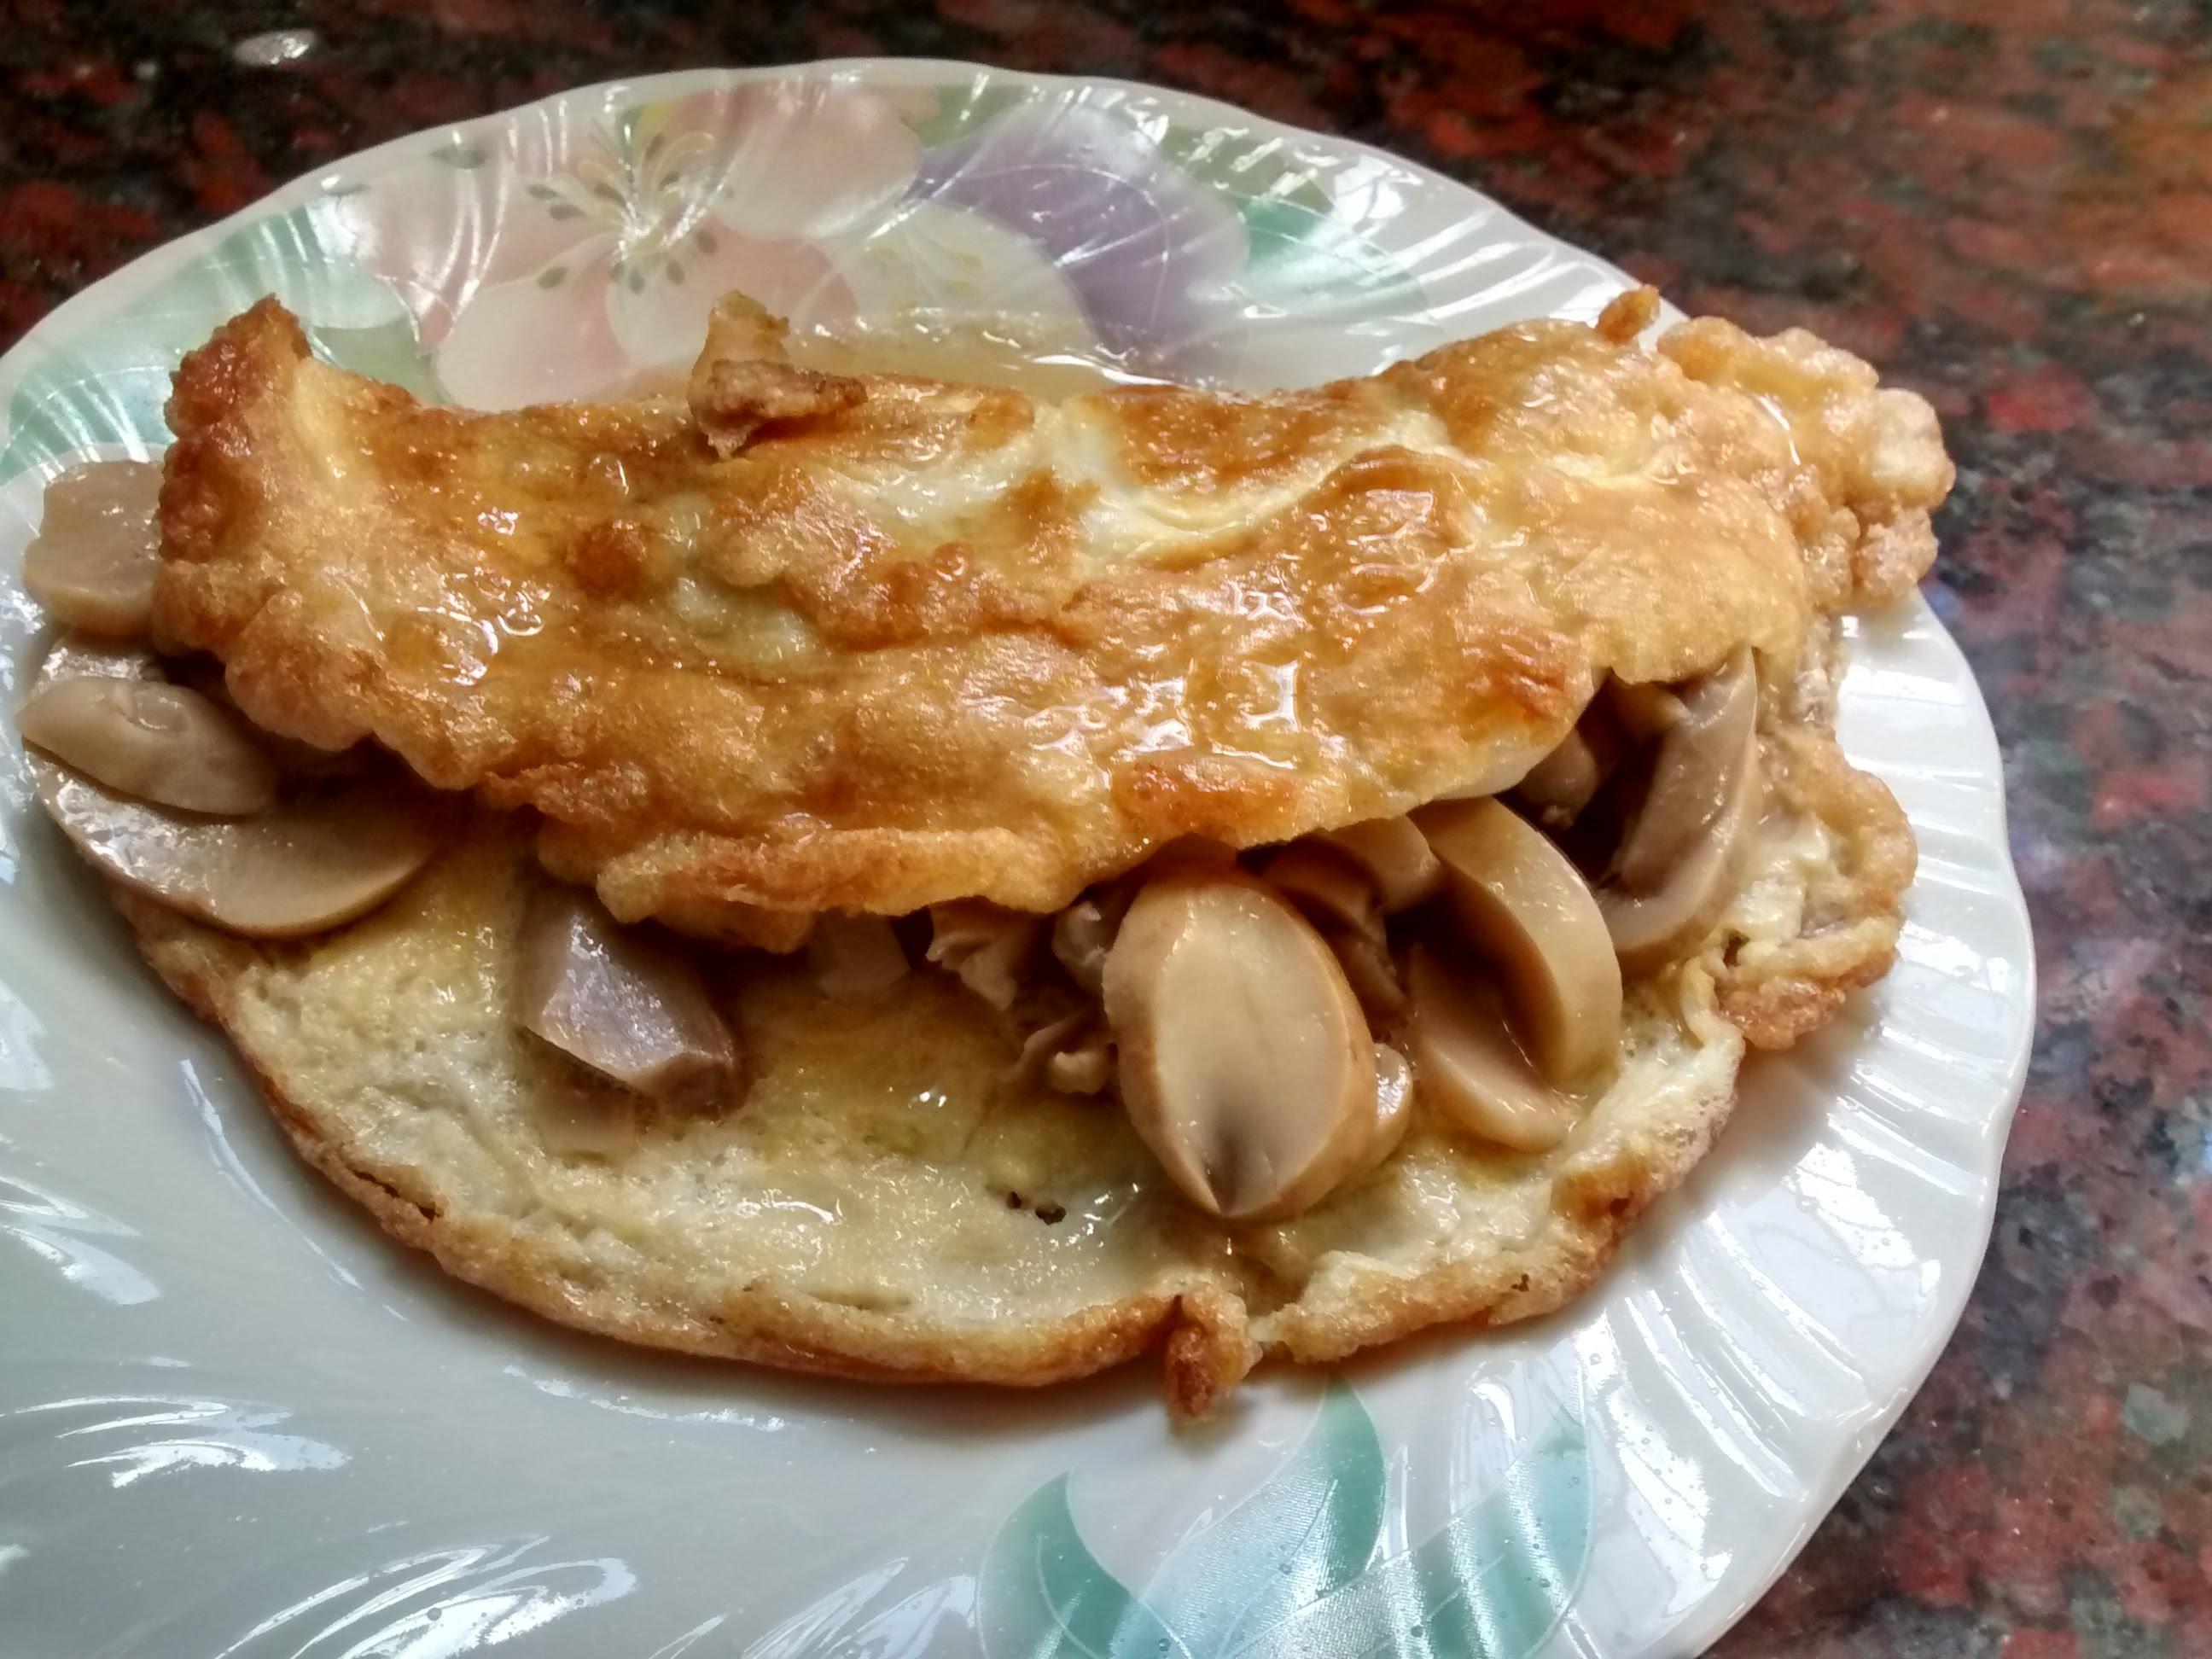 omelette de champiñones individual, color amarillo por el huevo combinado con el color de los champiñones, presentado con el relleno casi a la vista